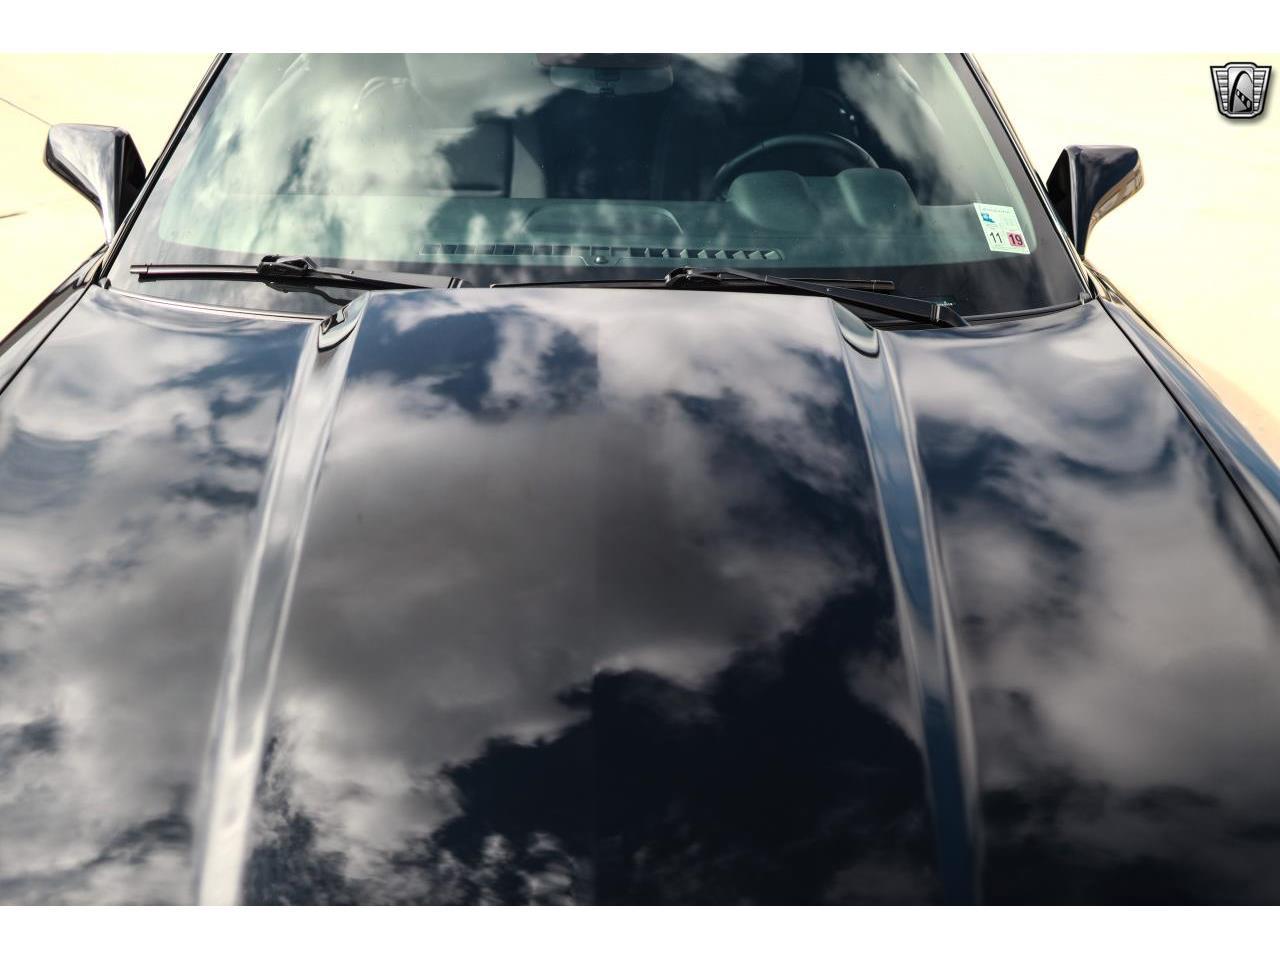 2010 Chevrolet Camaro (CC-1351314) for sale in O'Fallon, Illinois